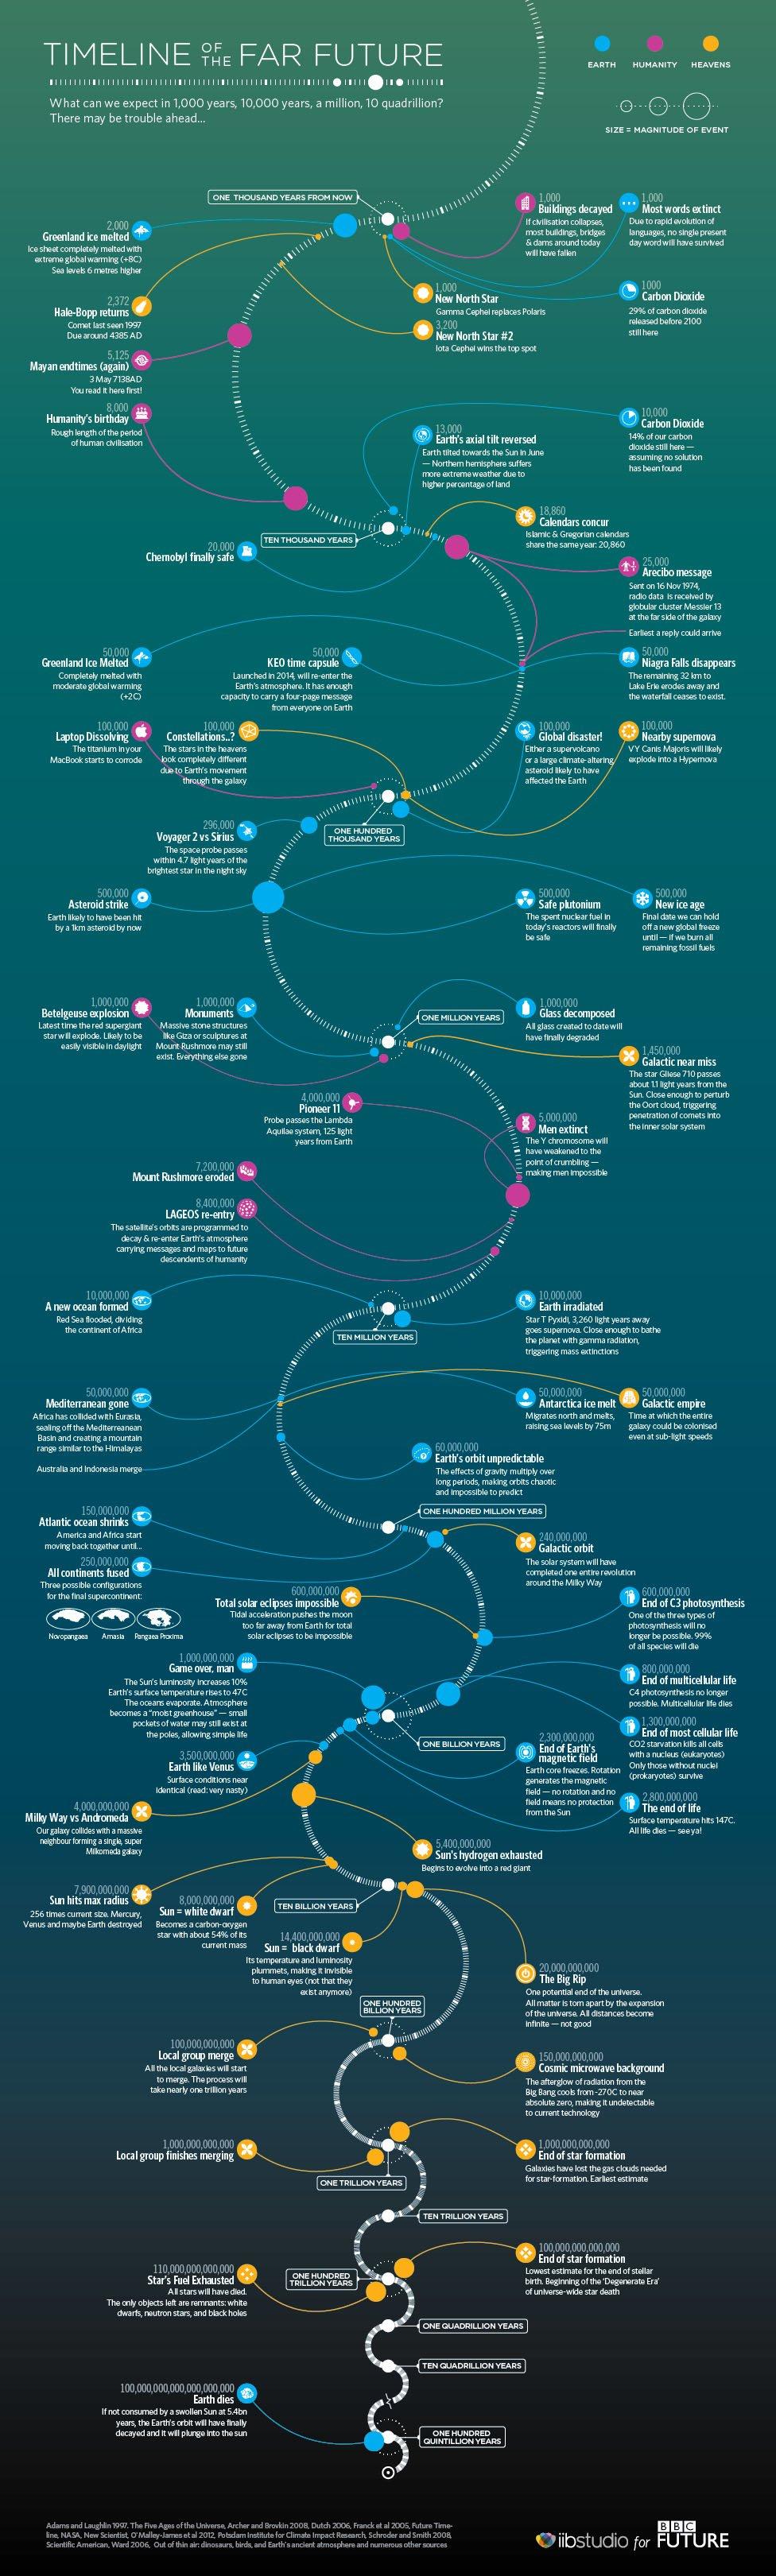 10Far-Future-Timeline